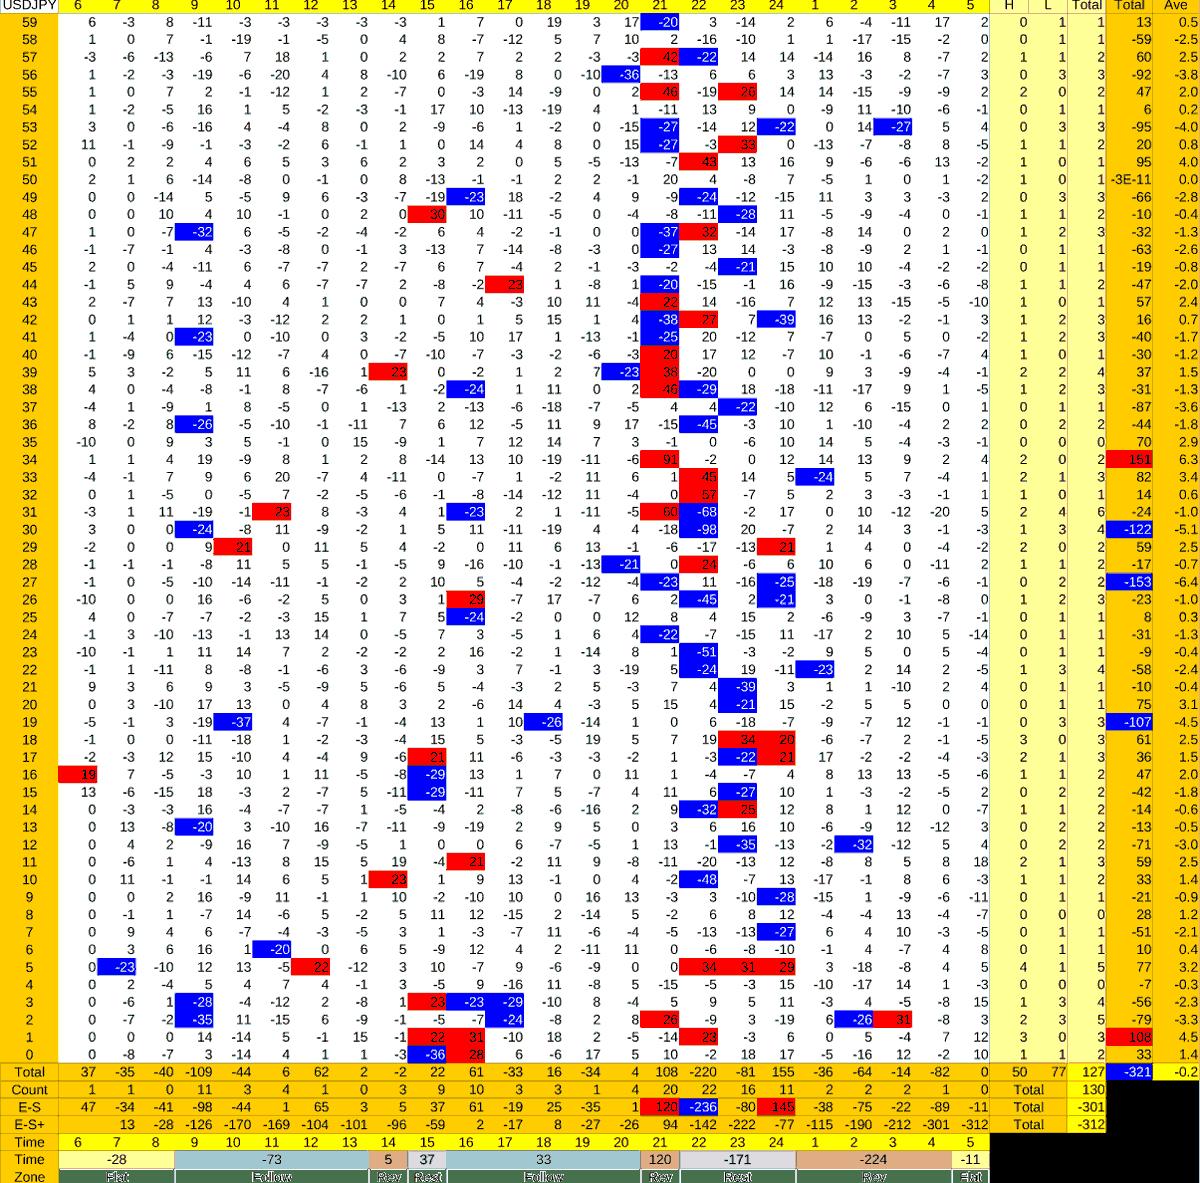 20211013_HS(1)USDJPY-min